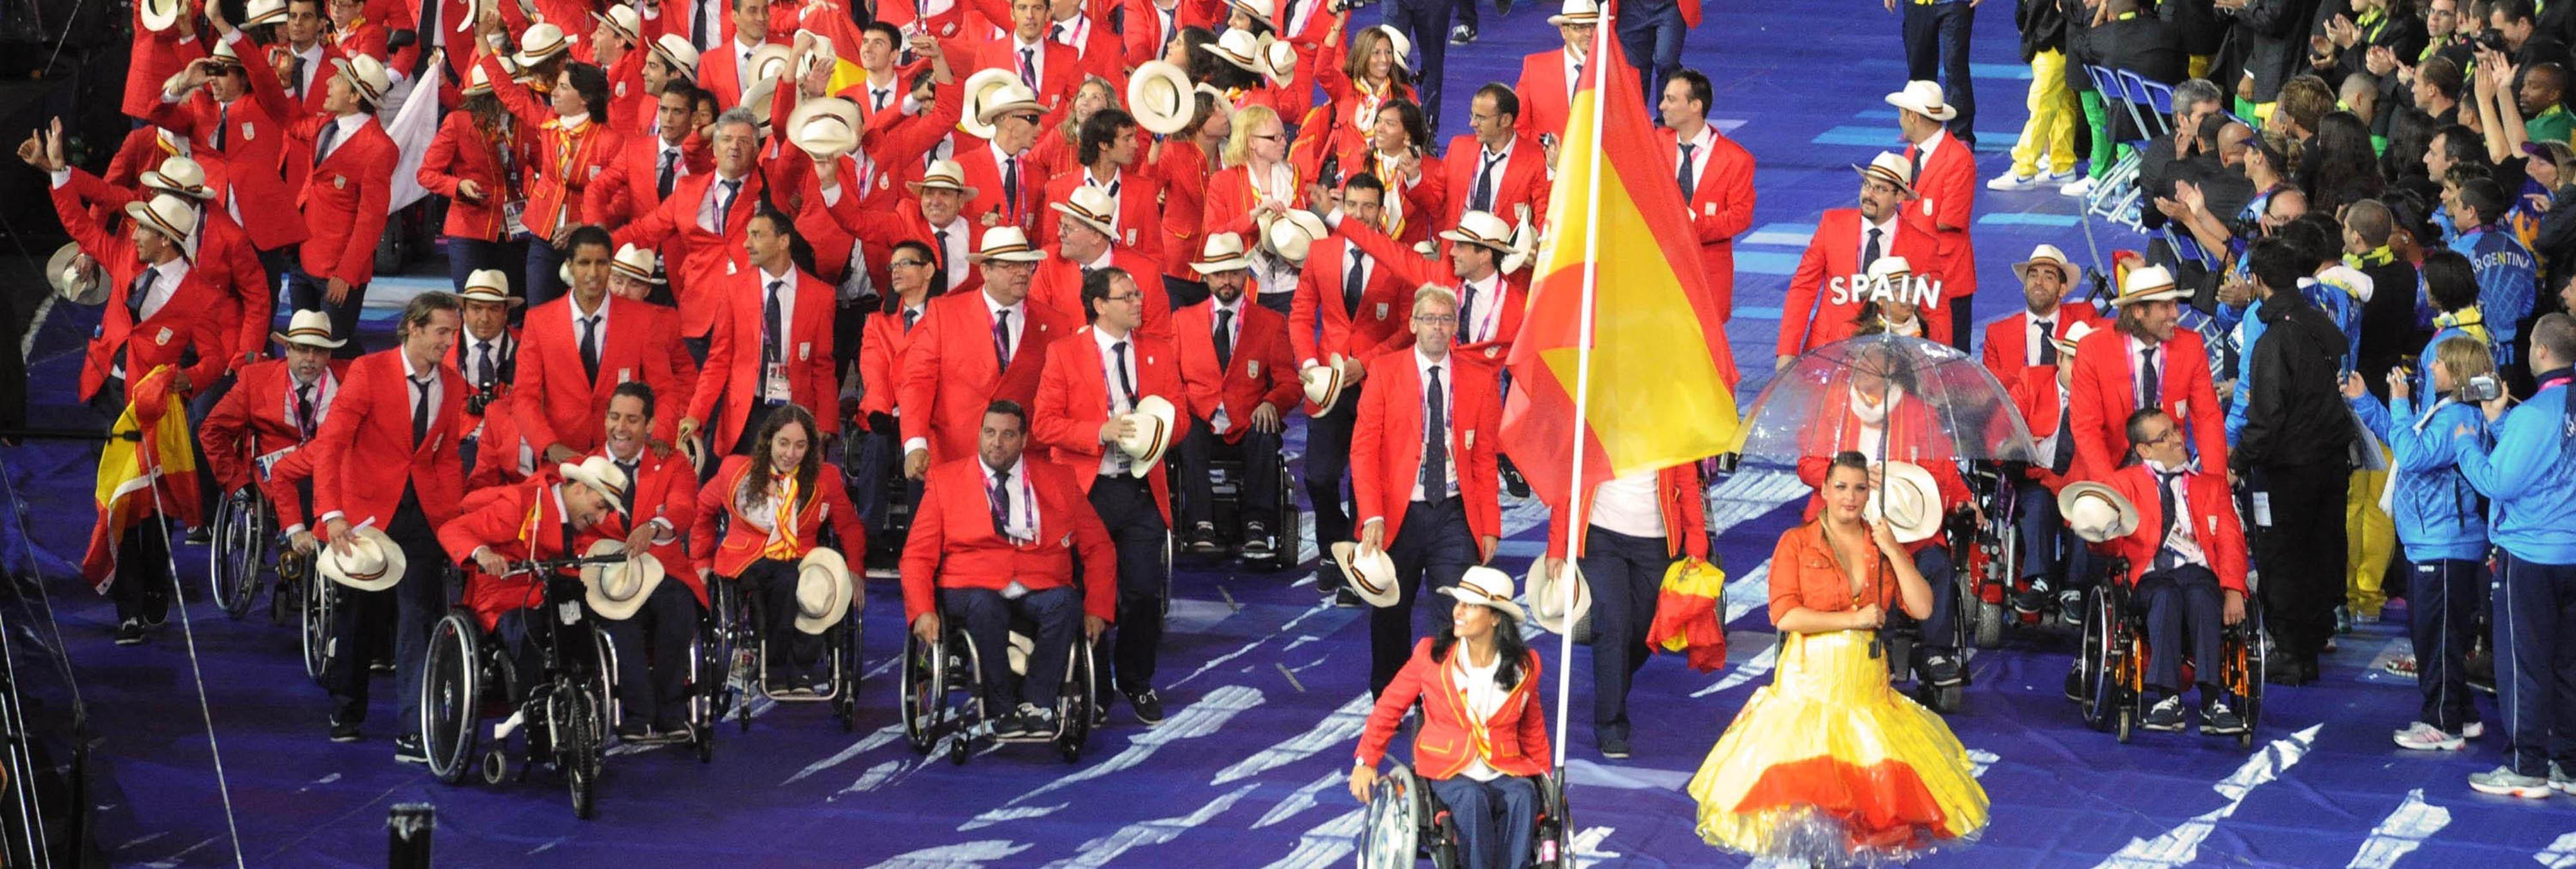 Los Juegos Paralímpicos de Río 2016 pasan desapercibidos para los medios